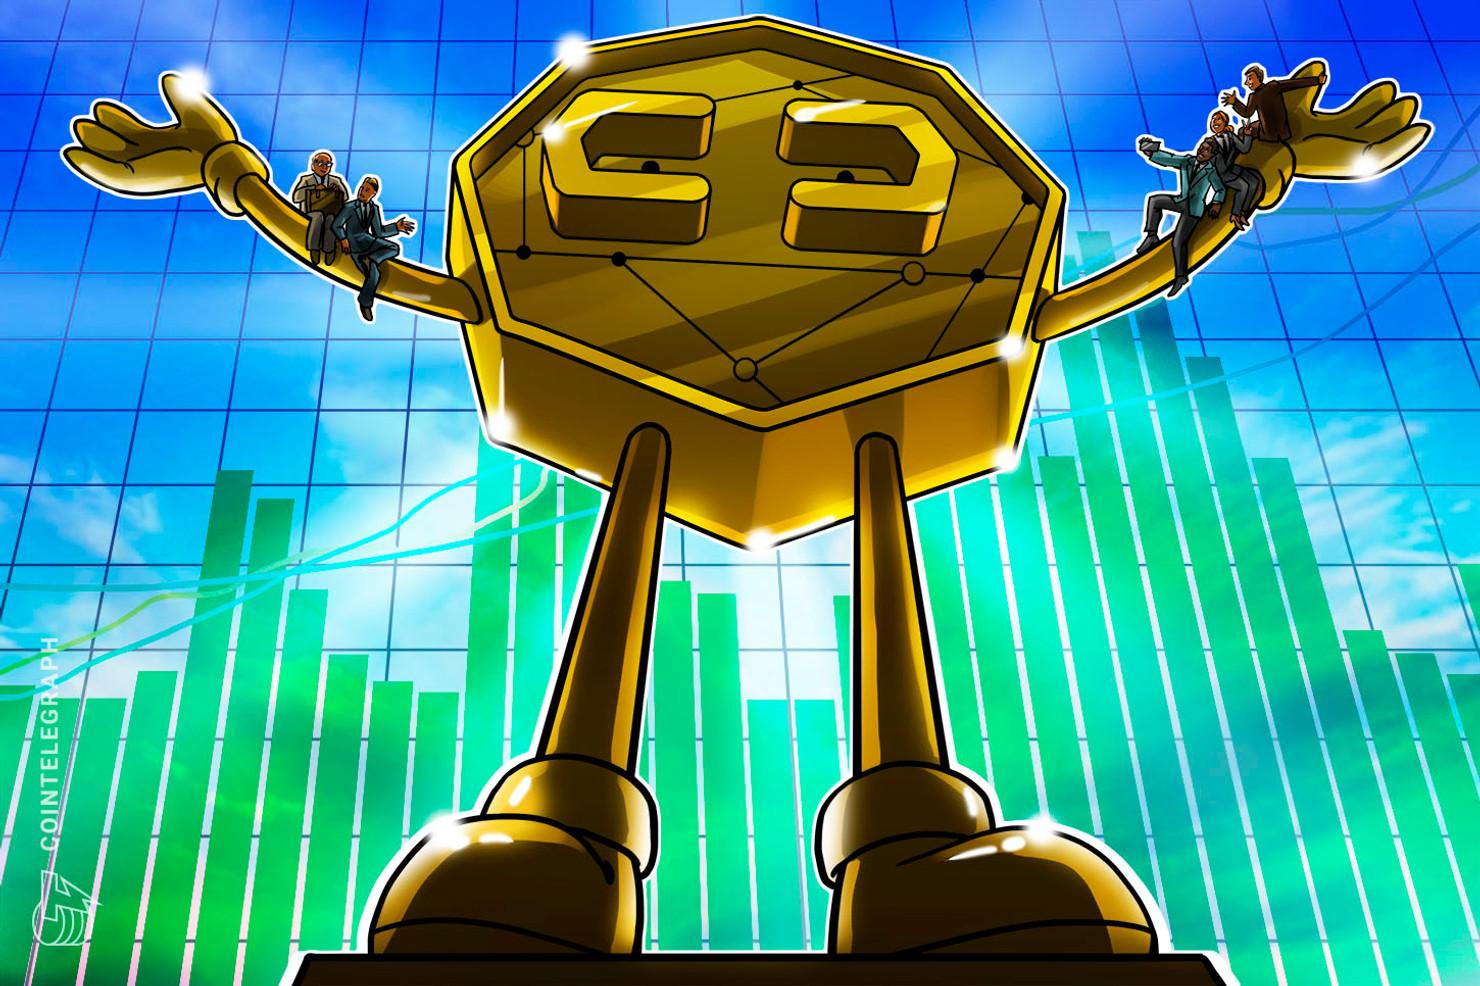 La capitalización del mercado de criptomonedas alcanza los 300.000 millones de dólares pero el dominio de Bitcoin ha bajado un 6% en el año 2020